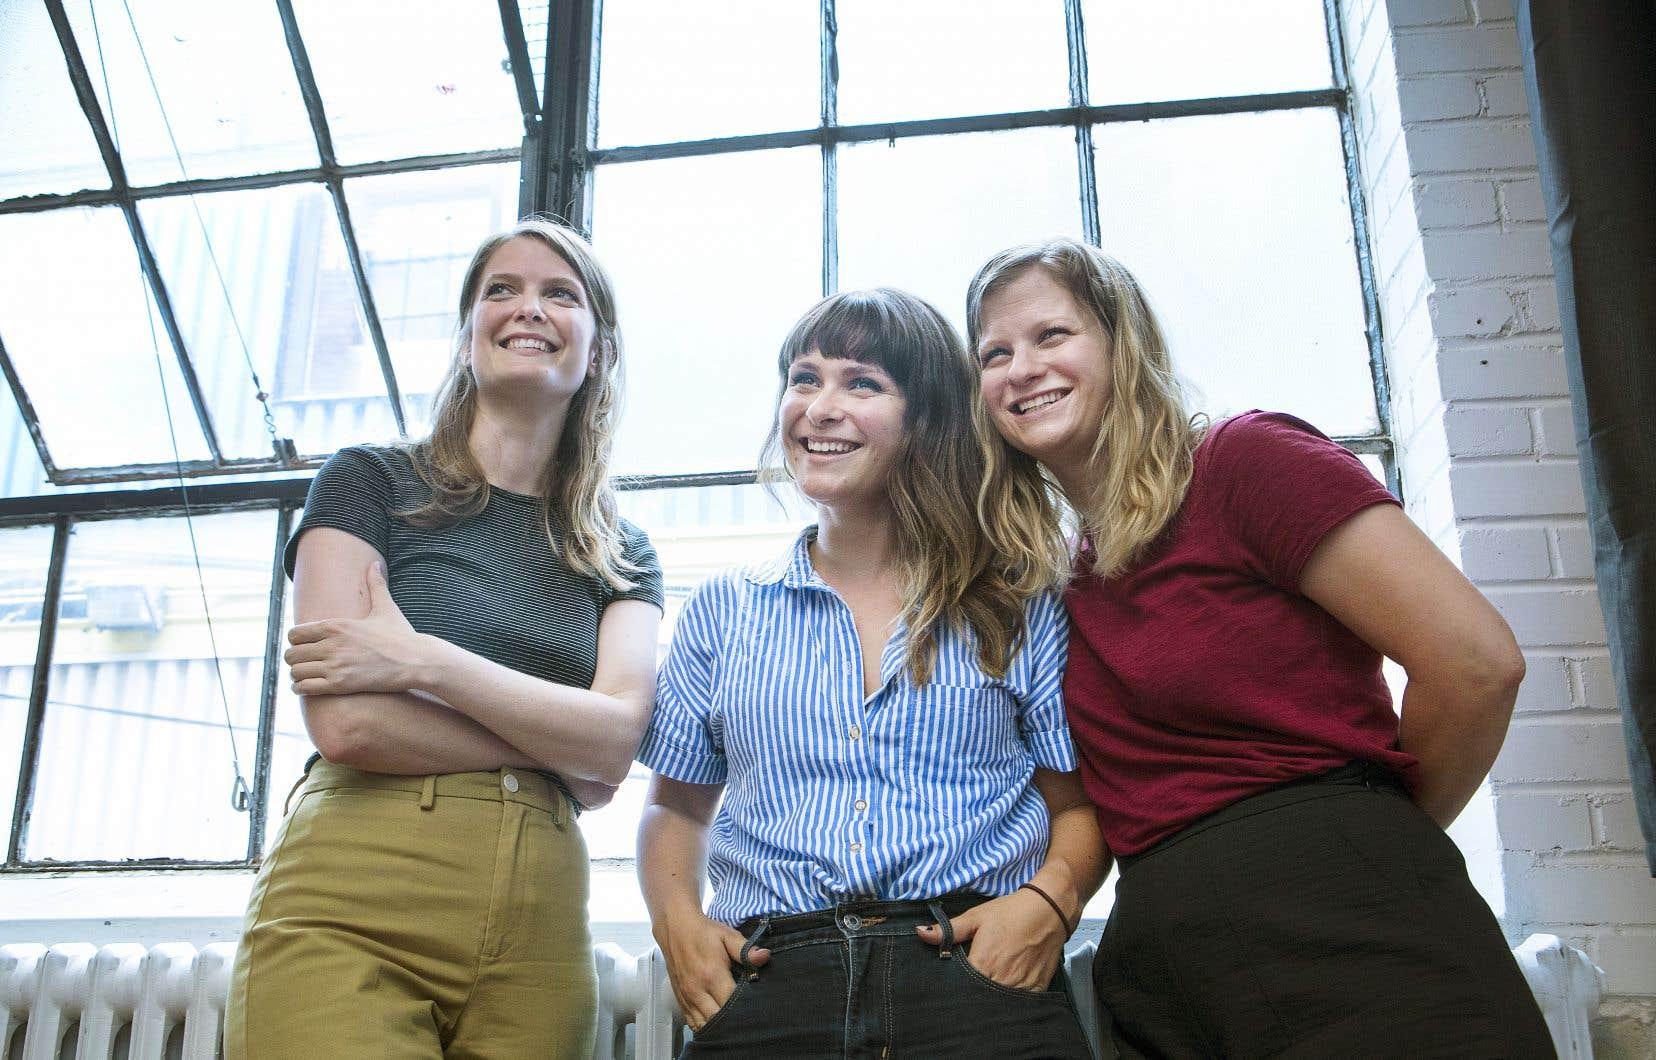 Les productrices de Colonelle films, Geneviève Dulude-De Celles (à gauche), Sarah Mannering et Fanny Drew ont soumis le long métrage «L'épreuve de la vie extraterrestre» de Ian Lagarde au marché Frontières, spécialisé dans l'industrie du films de genre.